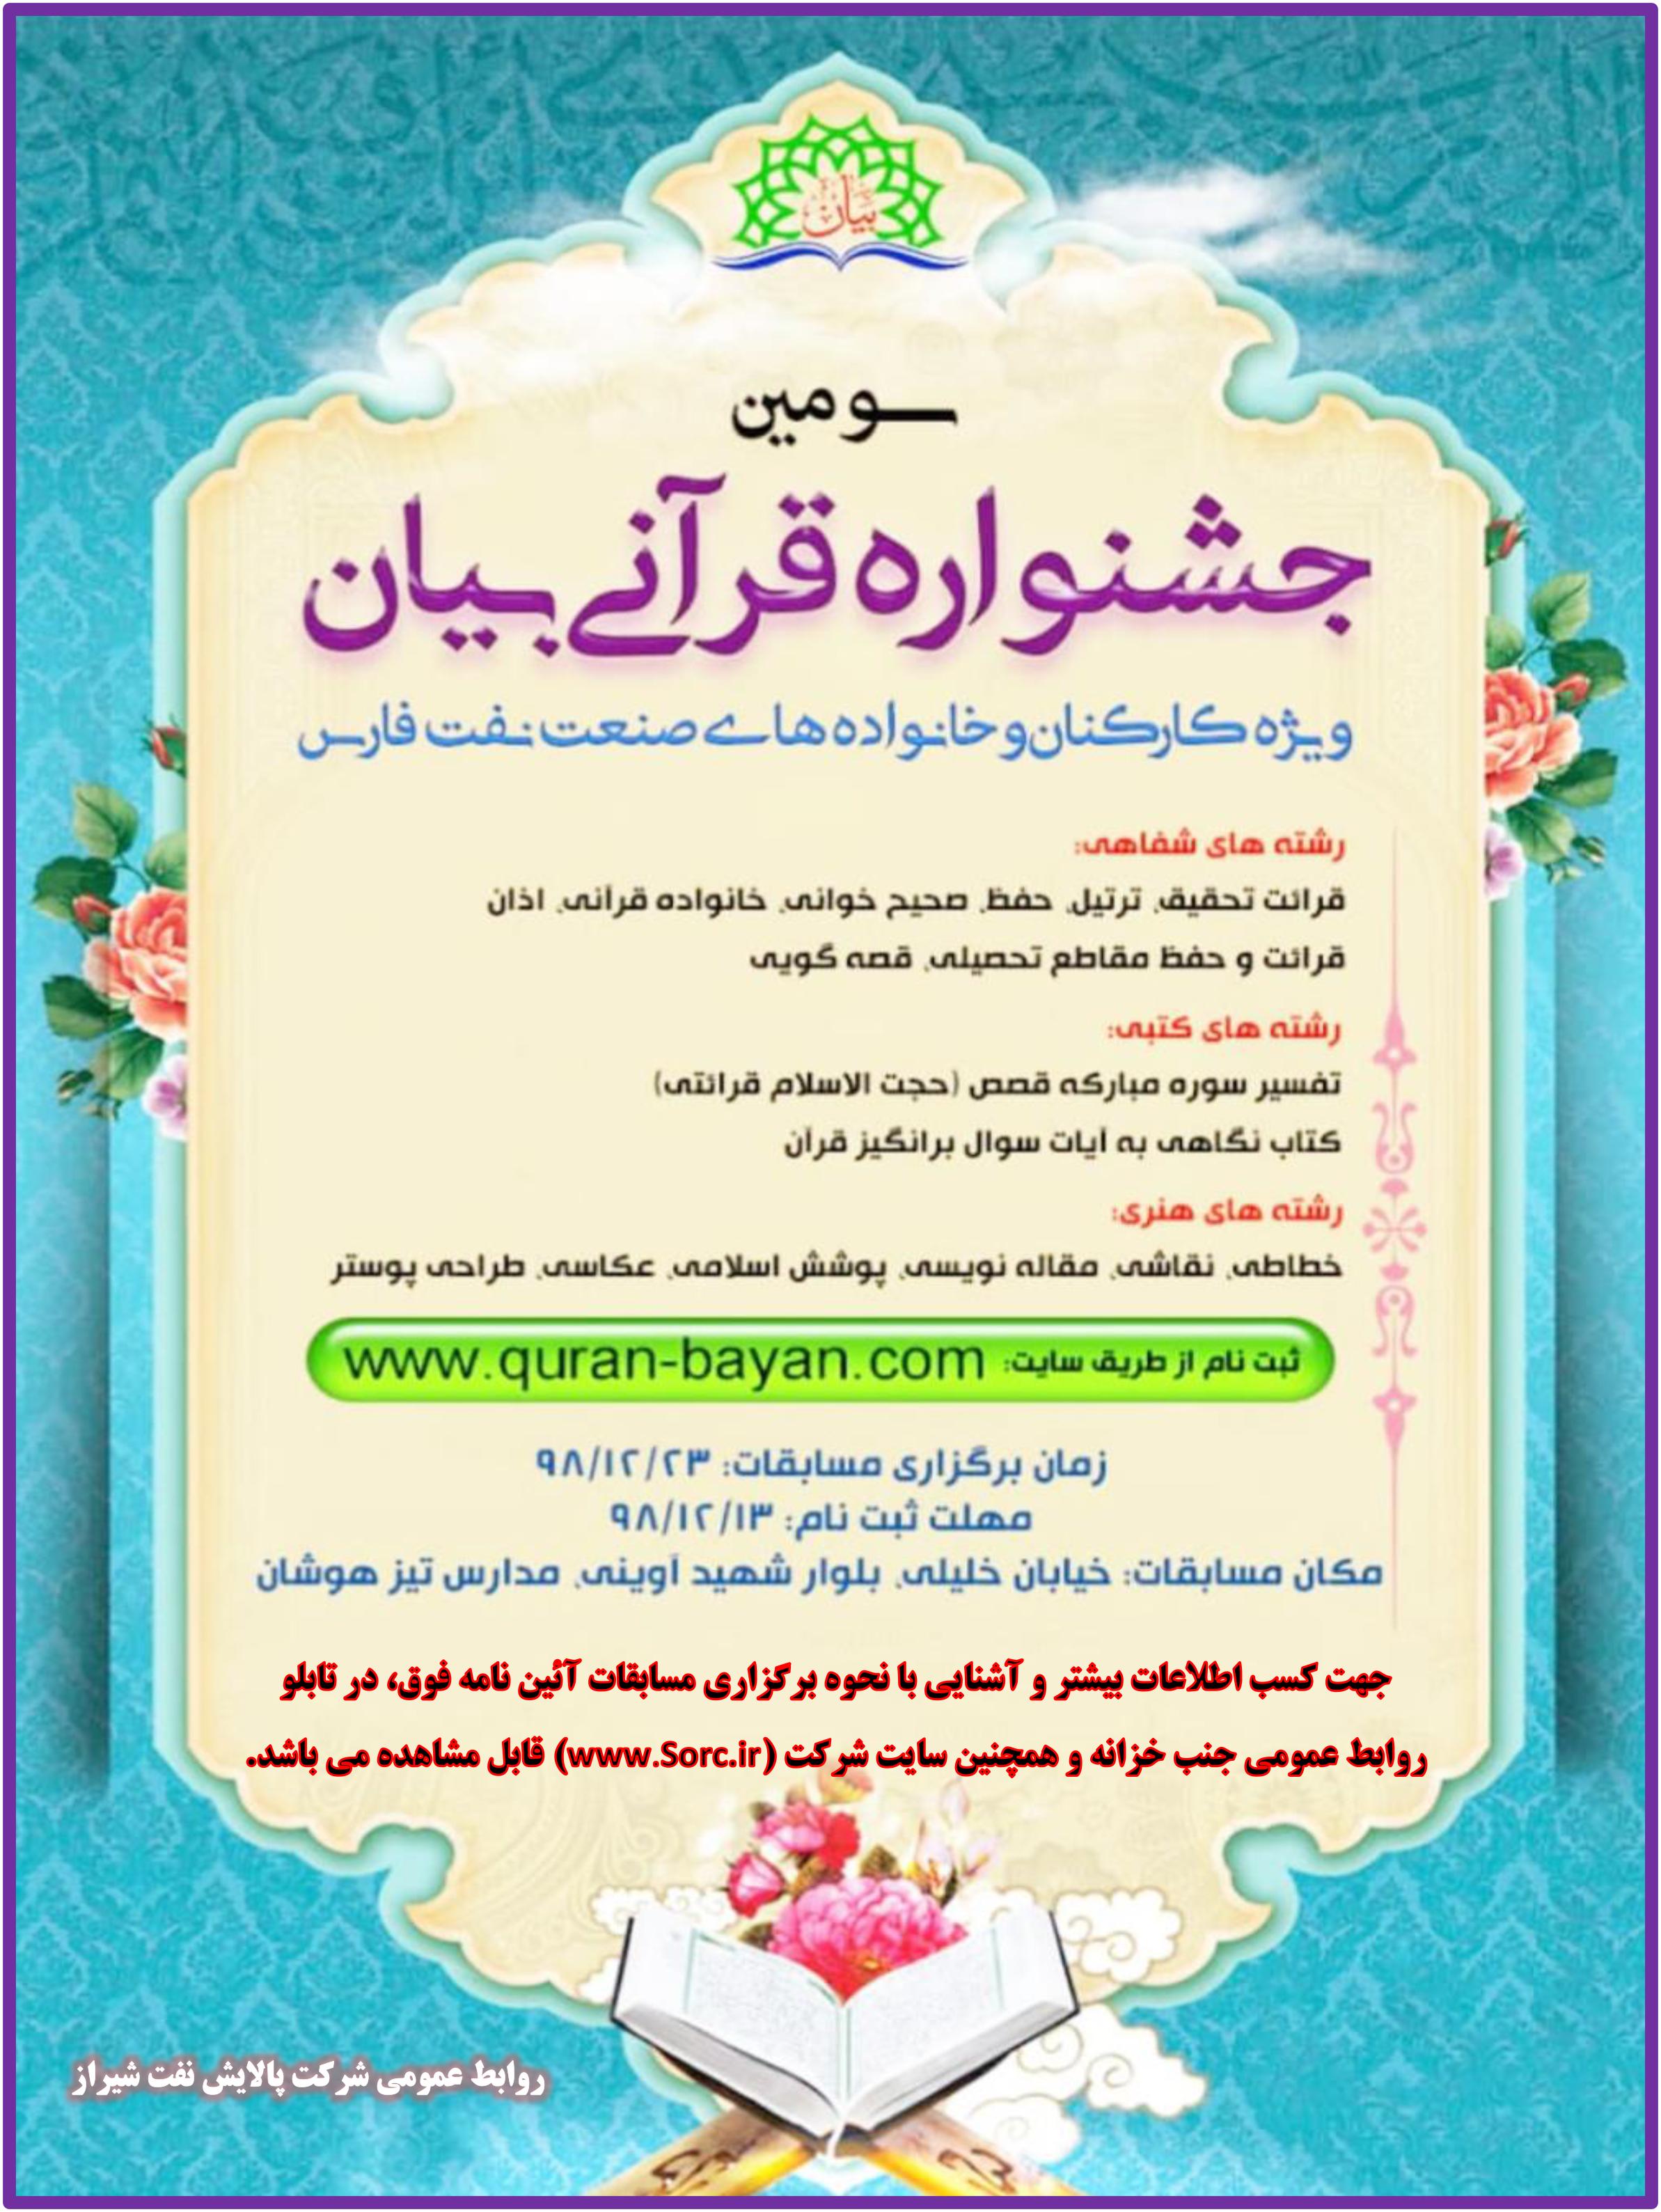 مسابقات قرآنی به مناسبت دهه مبارک فجر سال ۹۸